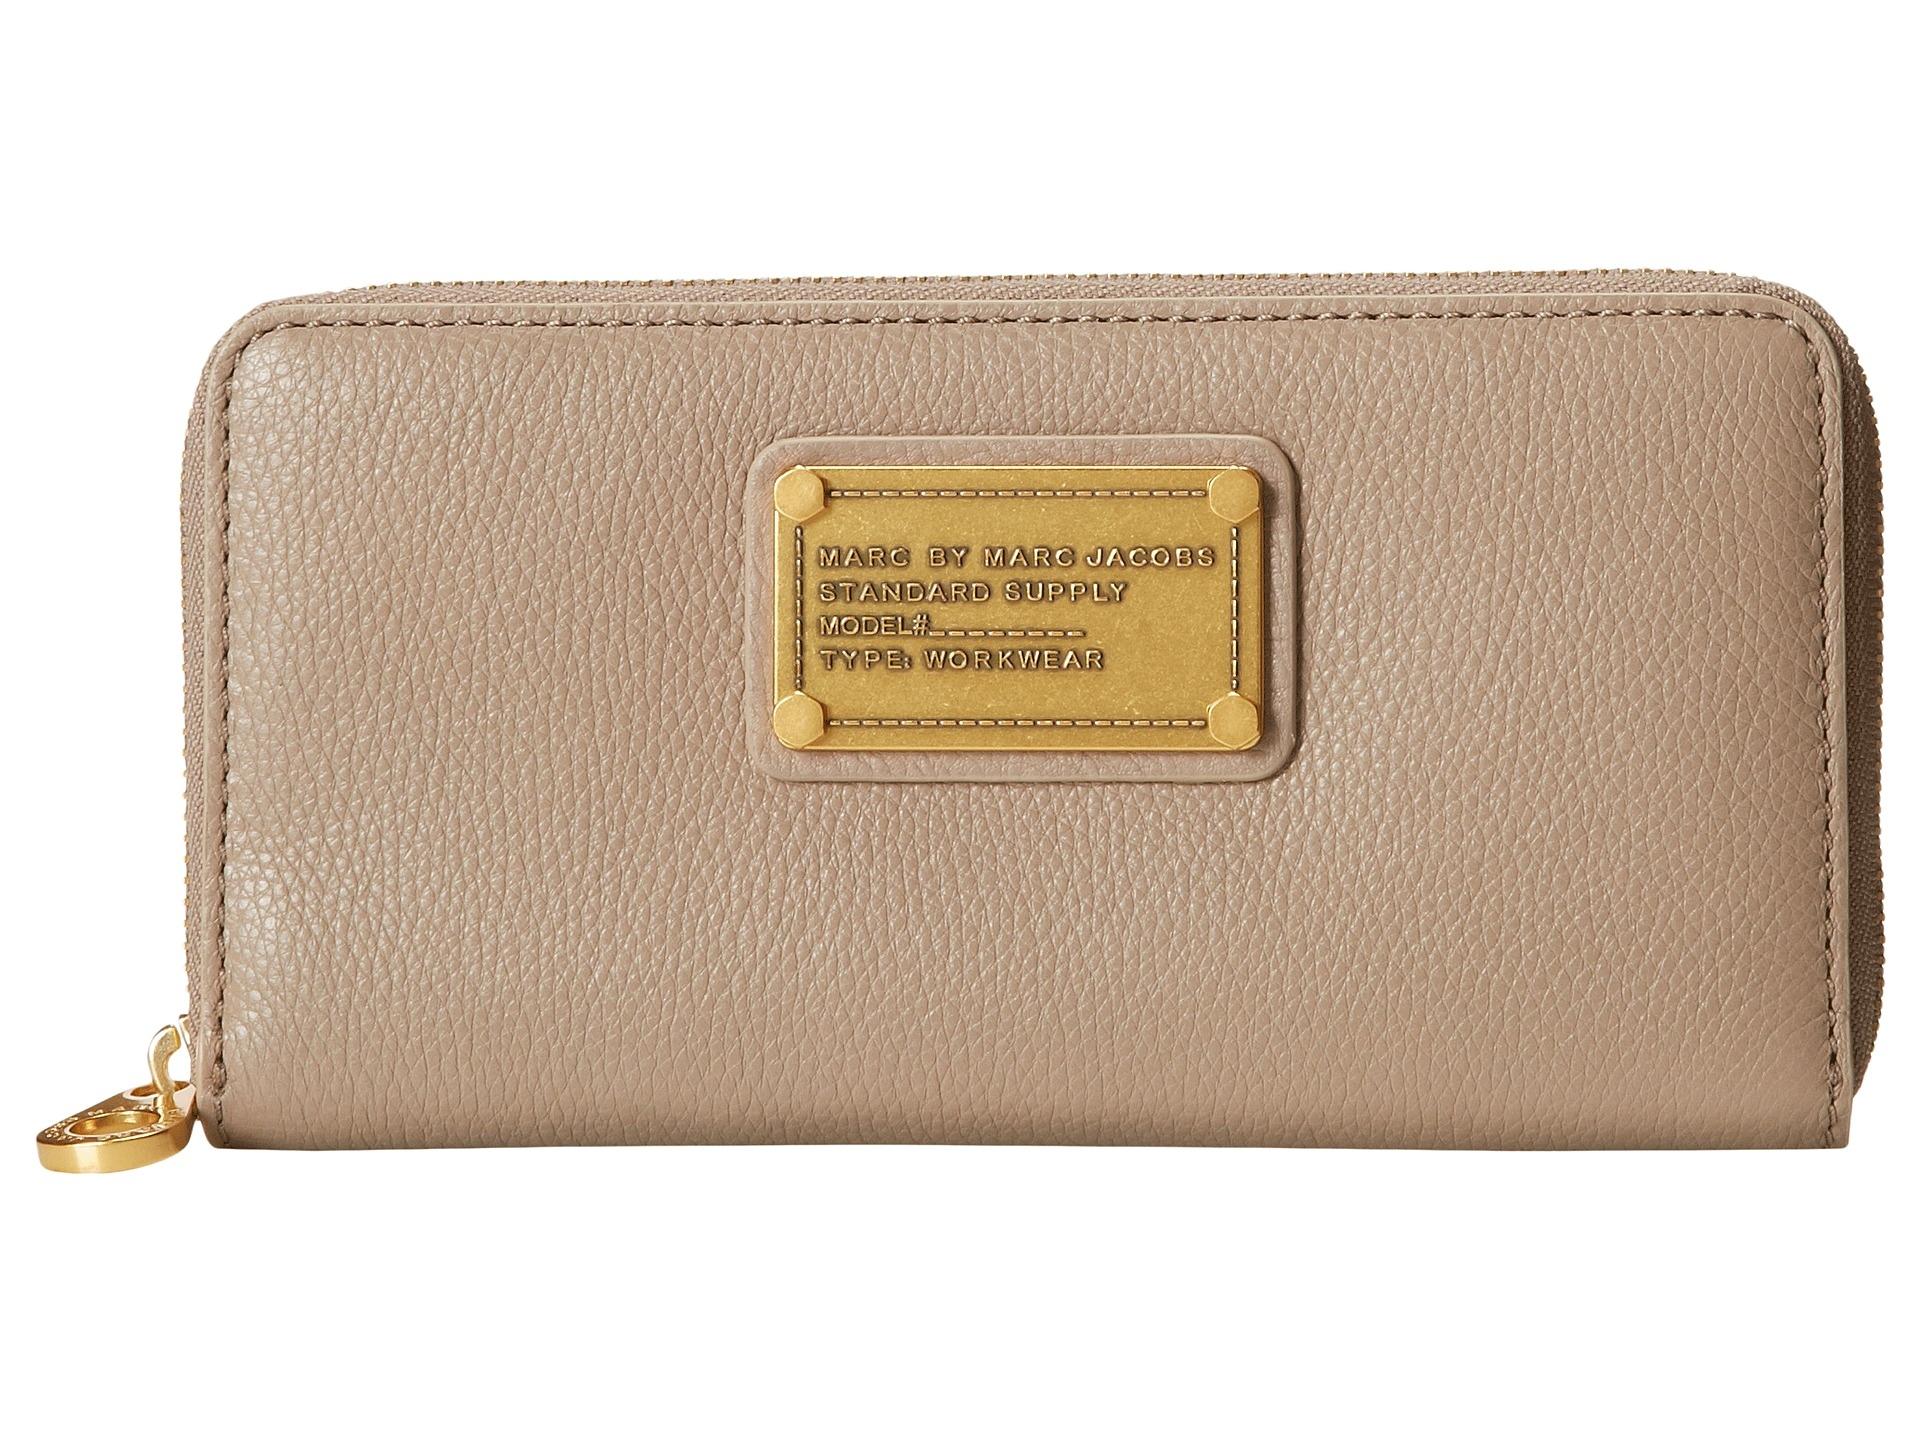 Fabriksnye Punge til kvinder - Marc Jacobs pung MMJ-W2228 QJ-14